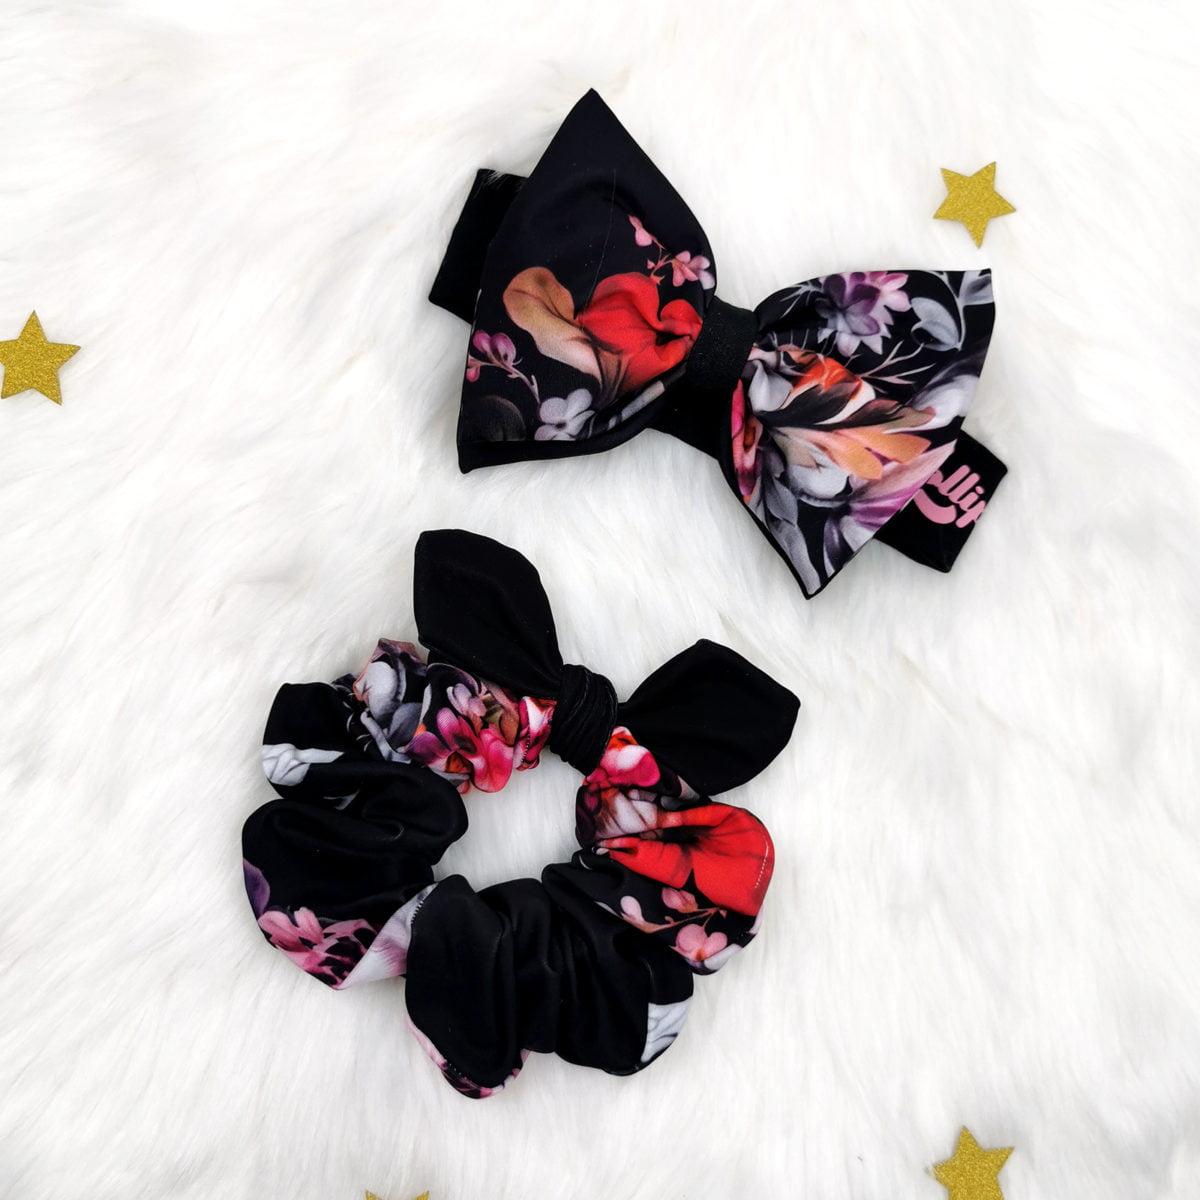 crni cvjetni komplet trakica i gumica za mamu i kći